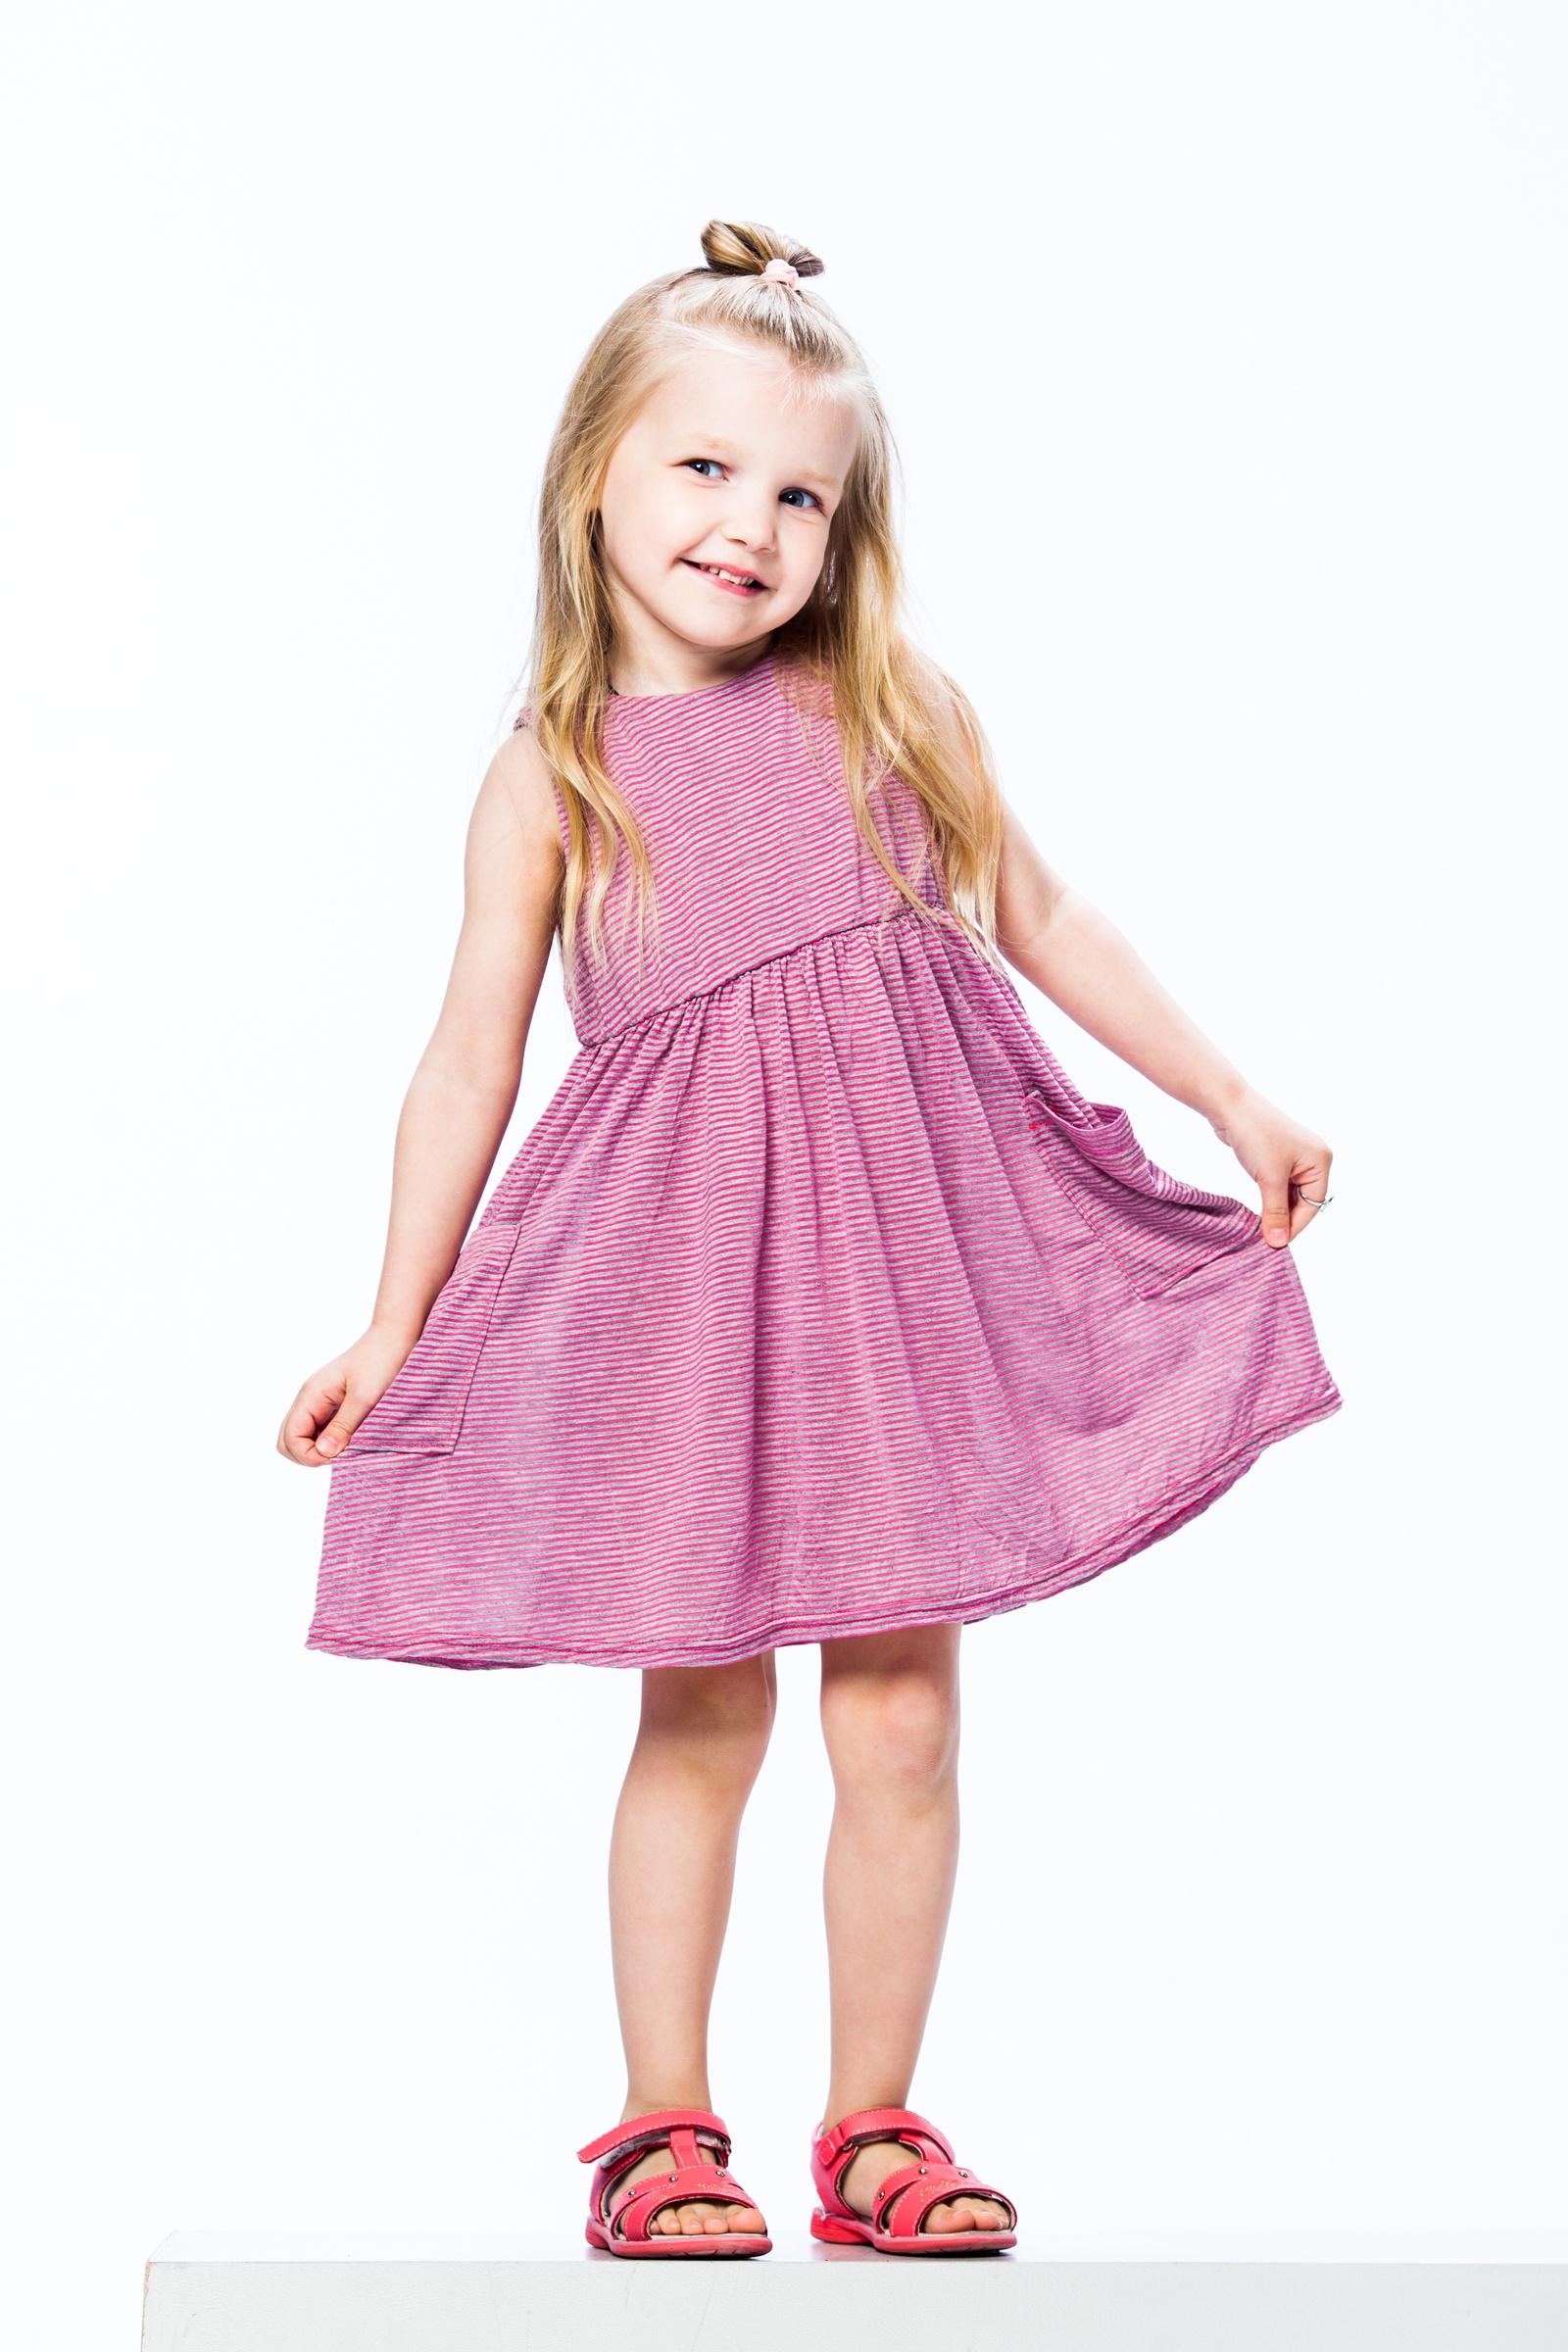 Платье ARCHYLAND, розовый 98 размер833Т_98Платье для девочкиТкань вискоза(100% хлопок)